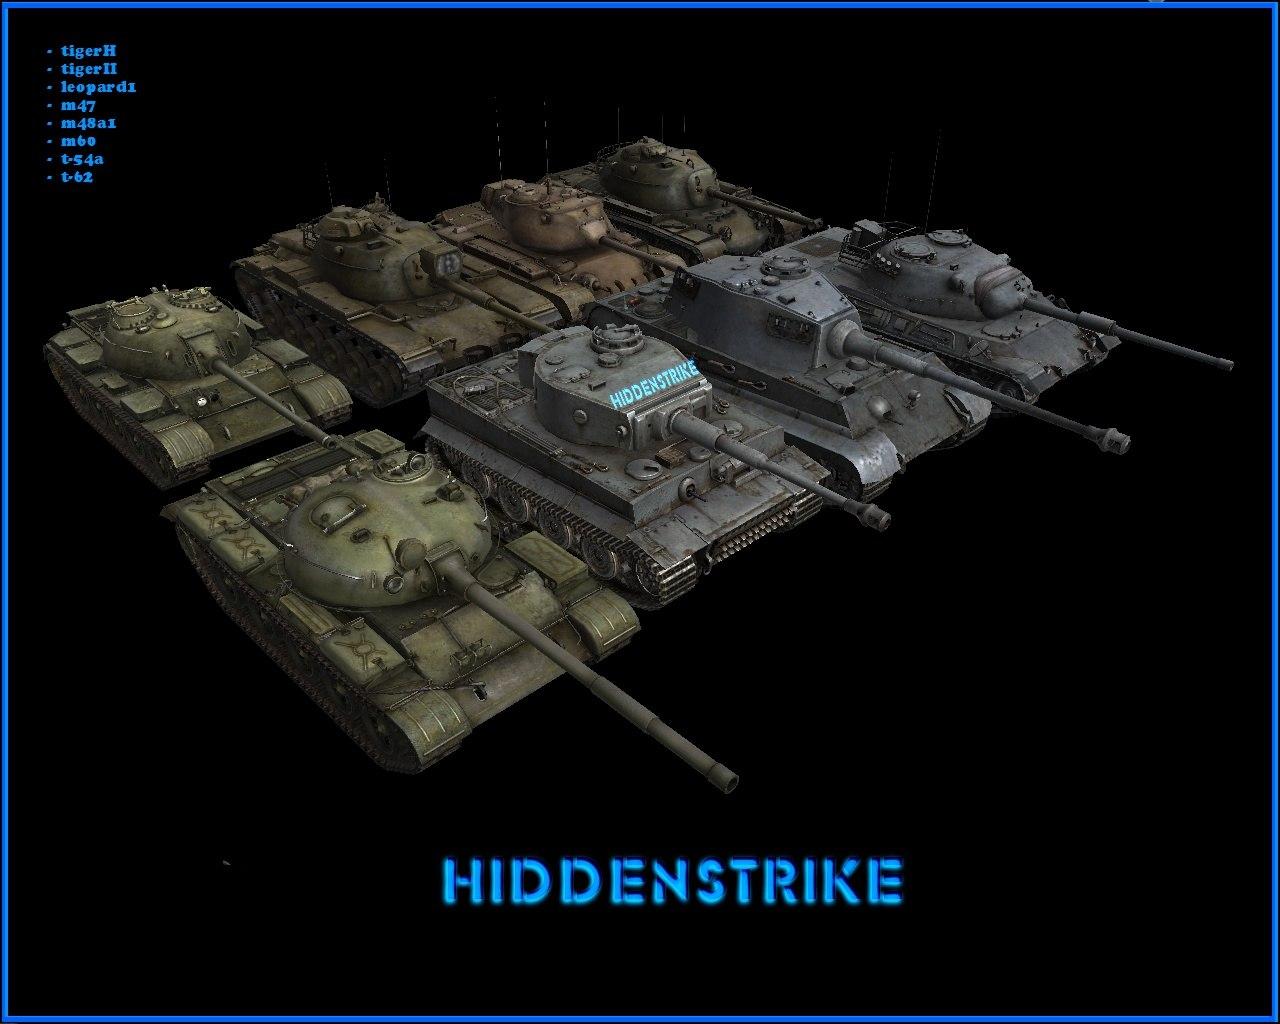 Скачать Tanks_Of_War_pak - автор Hiddenstrike (адаптация под стоковый AS1 - RuDamP79) — бесплатно